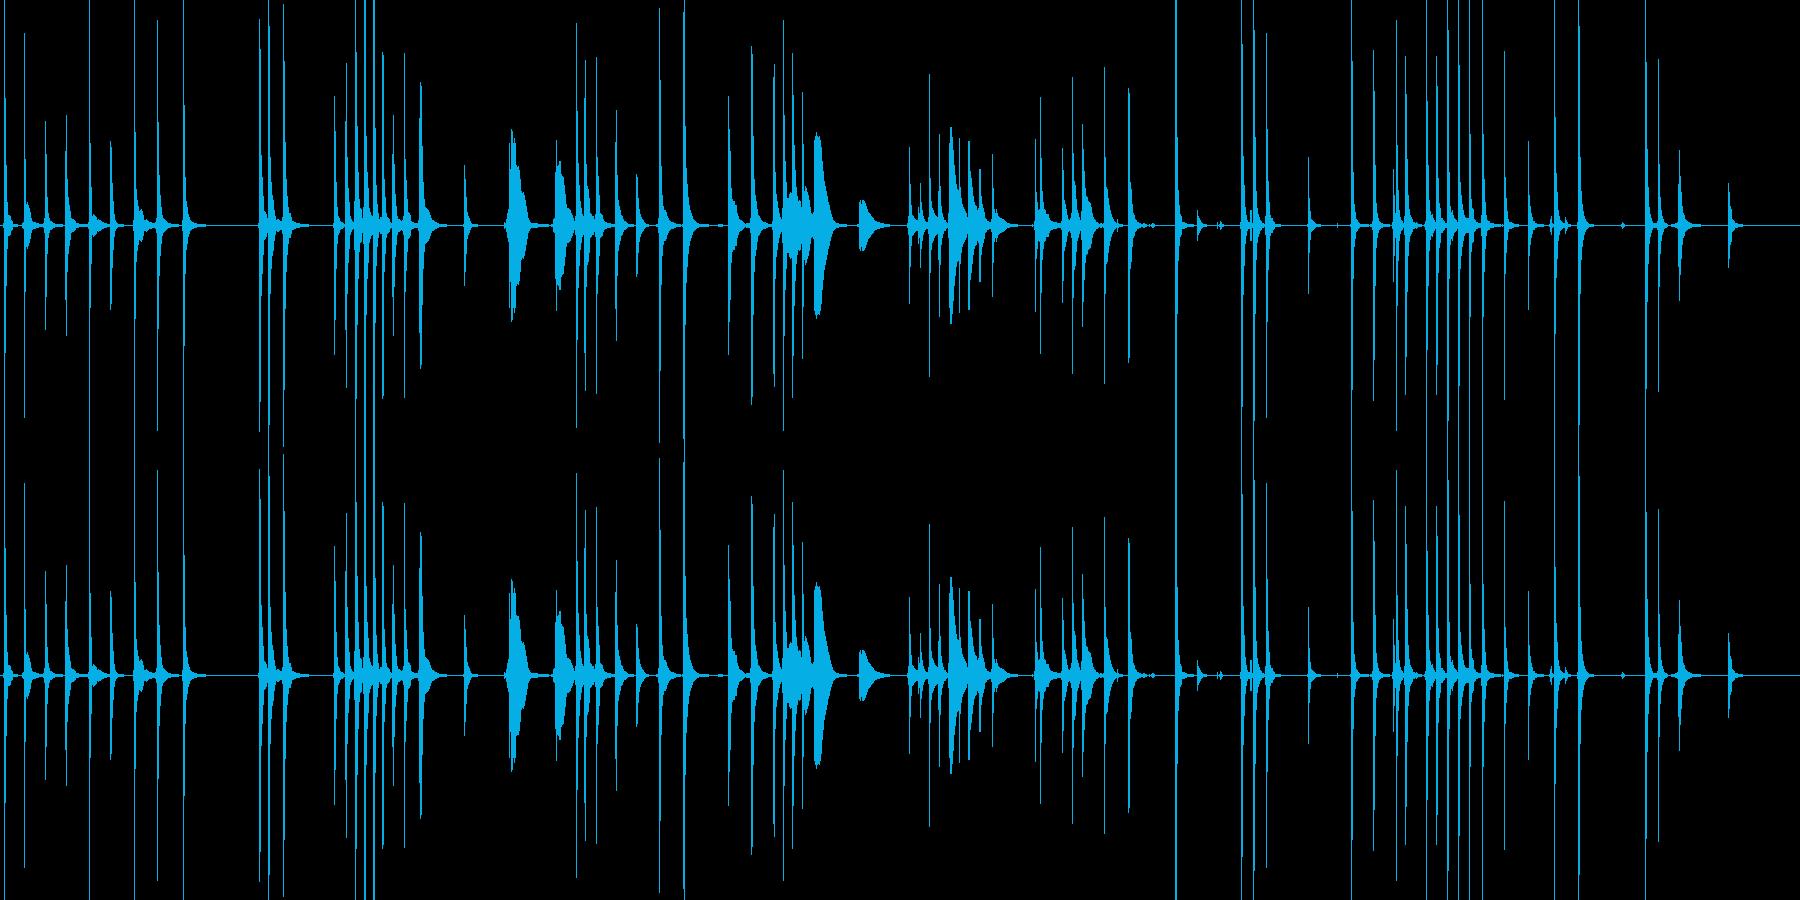 三味線133鷺娘31死ぬ合方長い方妖怪鷺の再生済みの波形